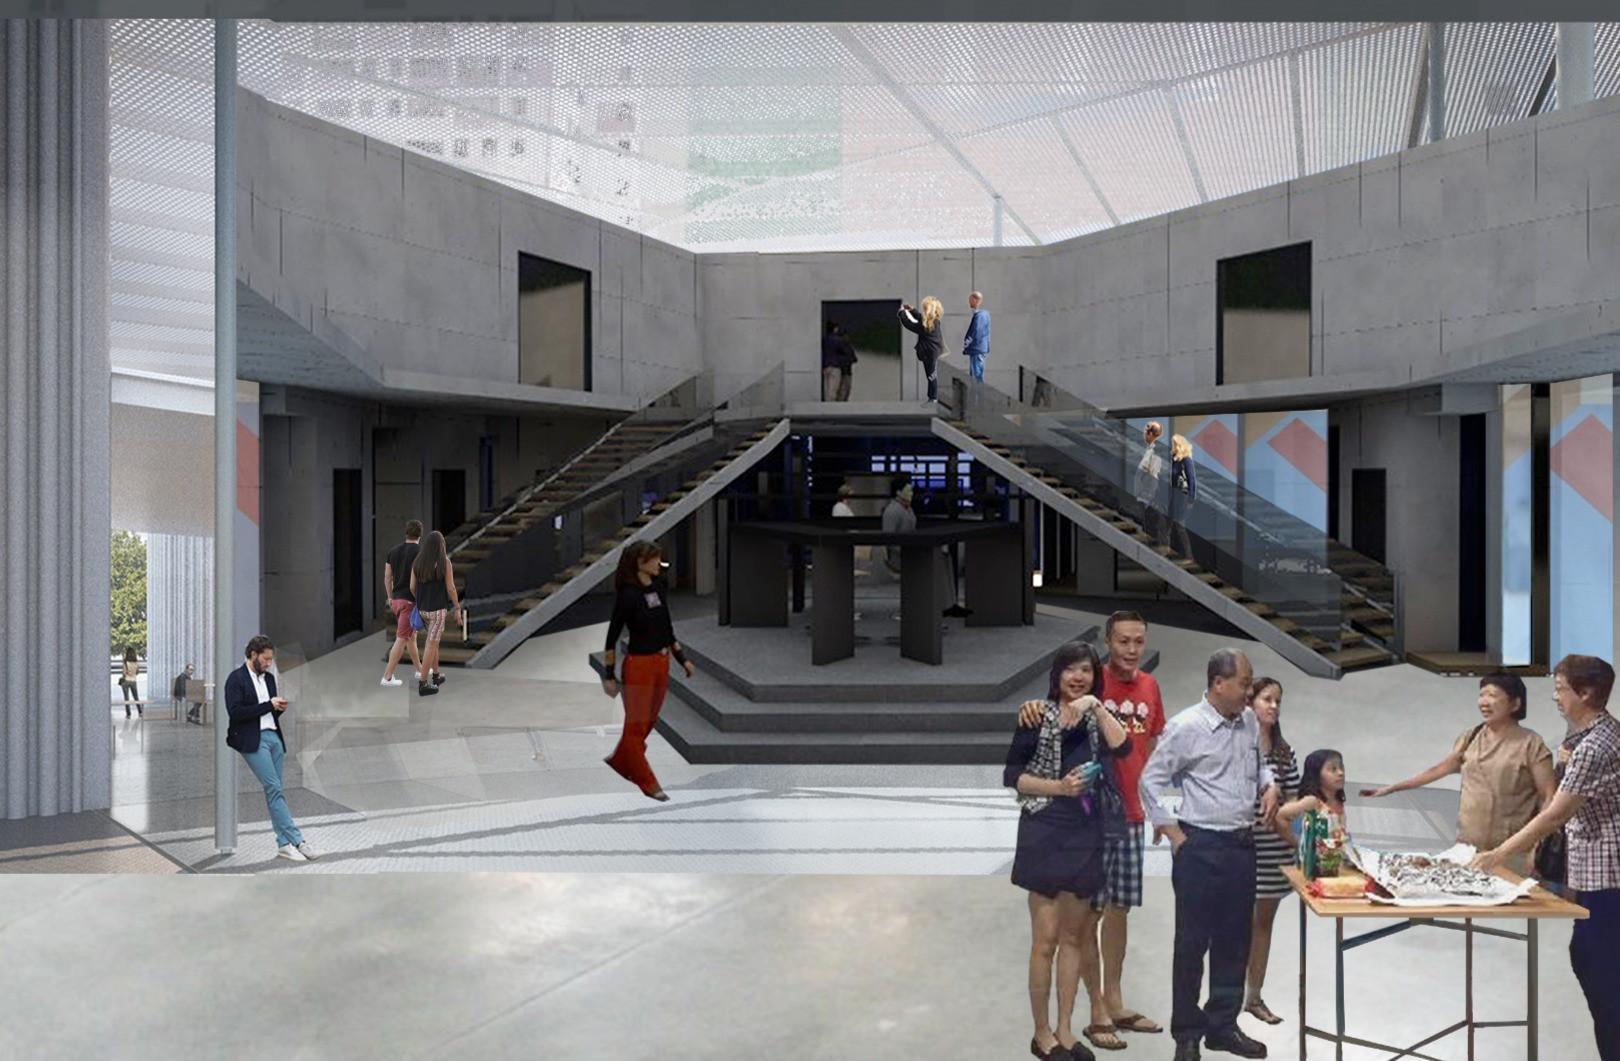 Museum Space Atrium Perspective